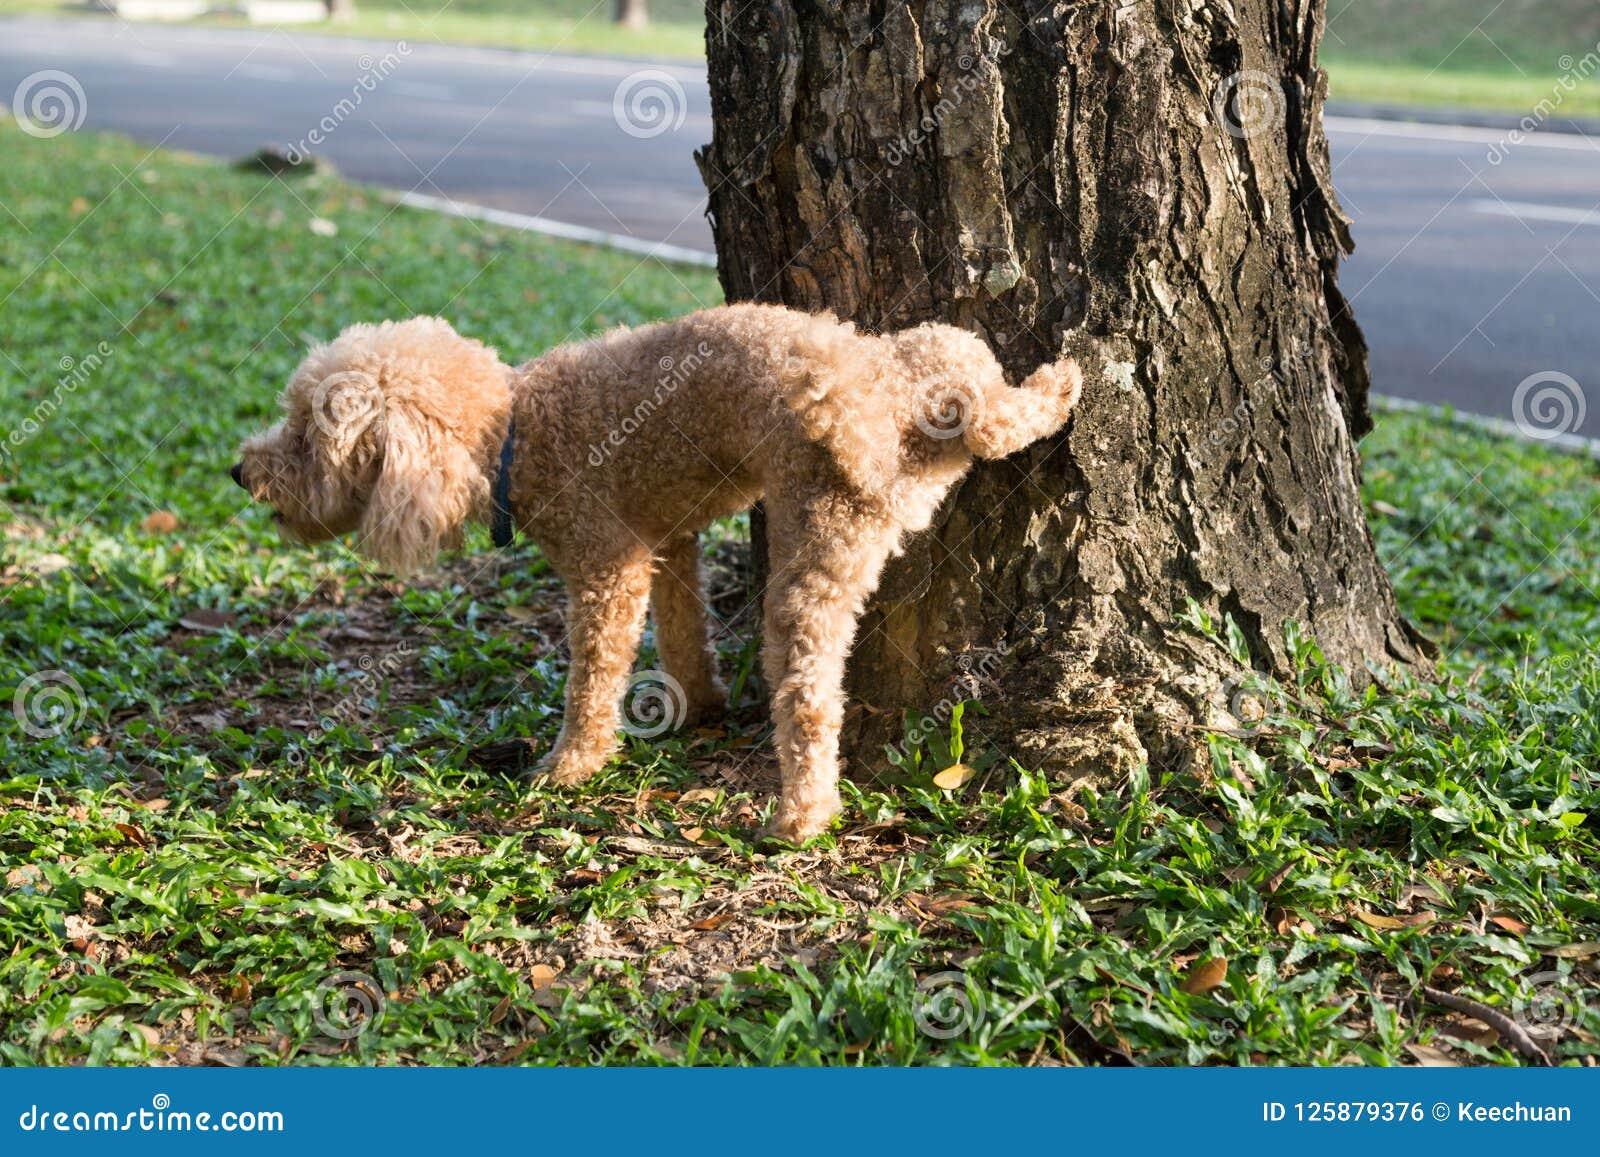 Αρσενικό poodle που ουρεί κατουρεί στον κορμό δέντρων στο έδαφος σημαδιών